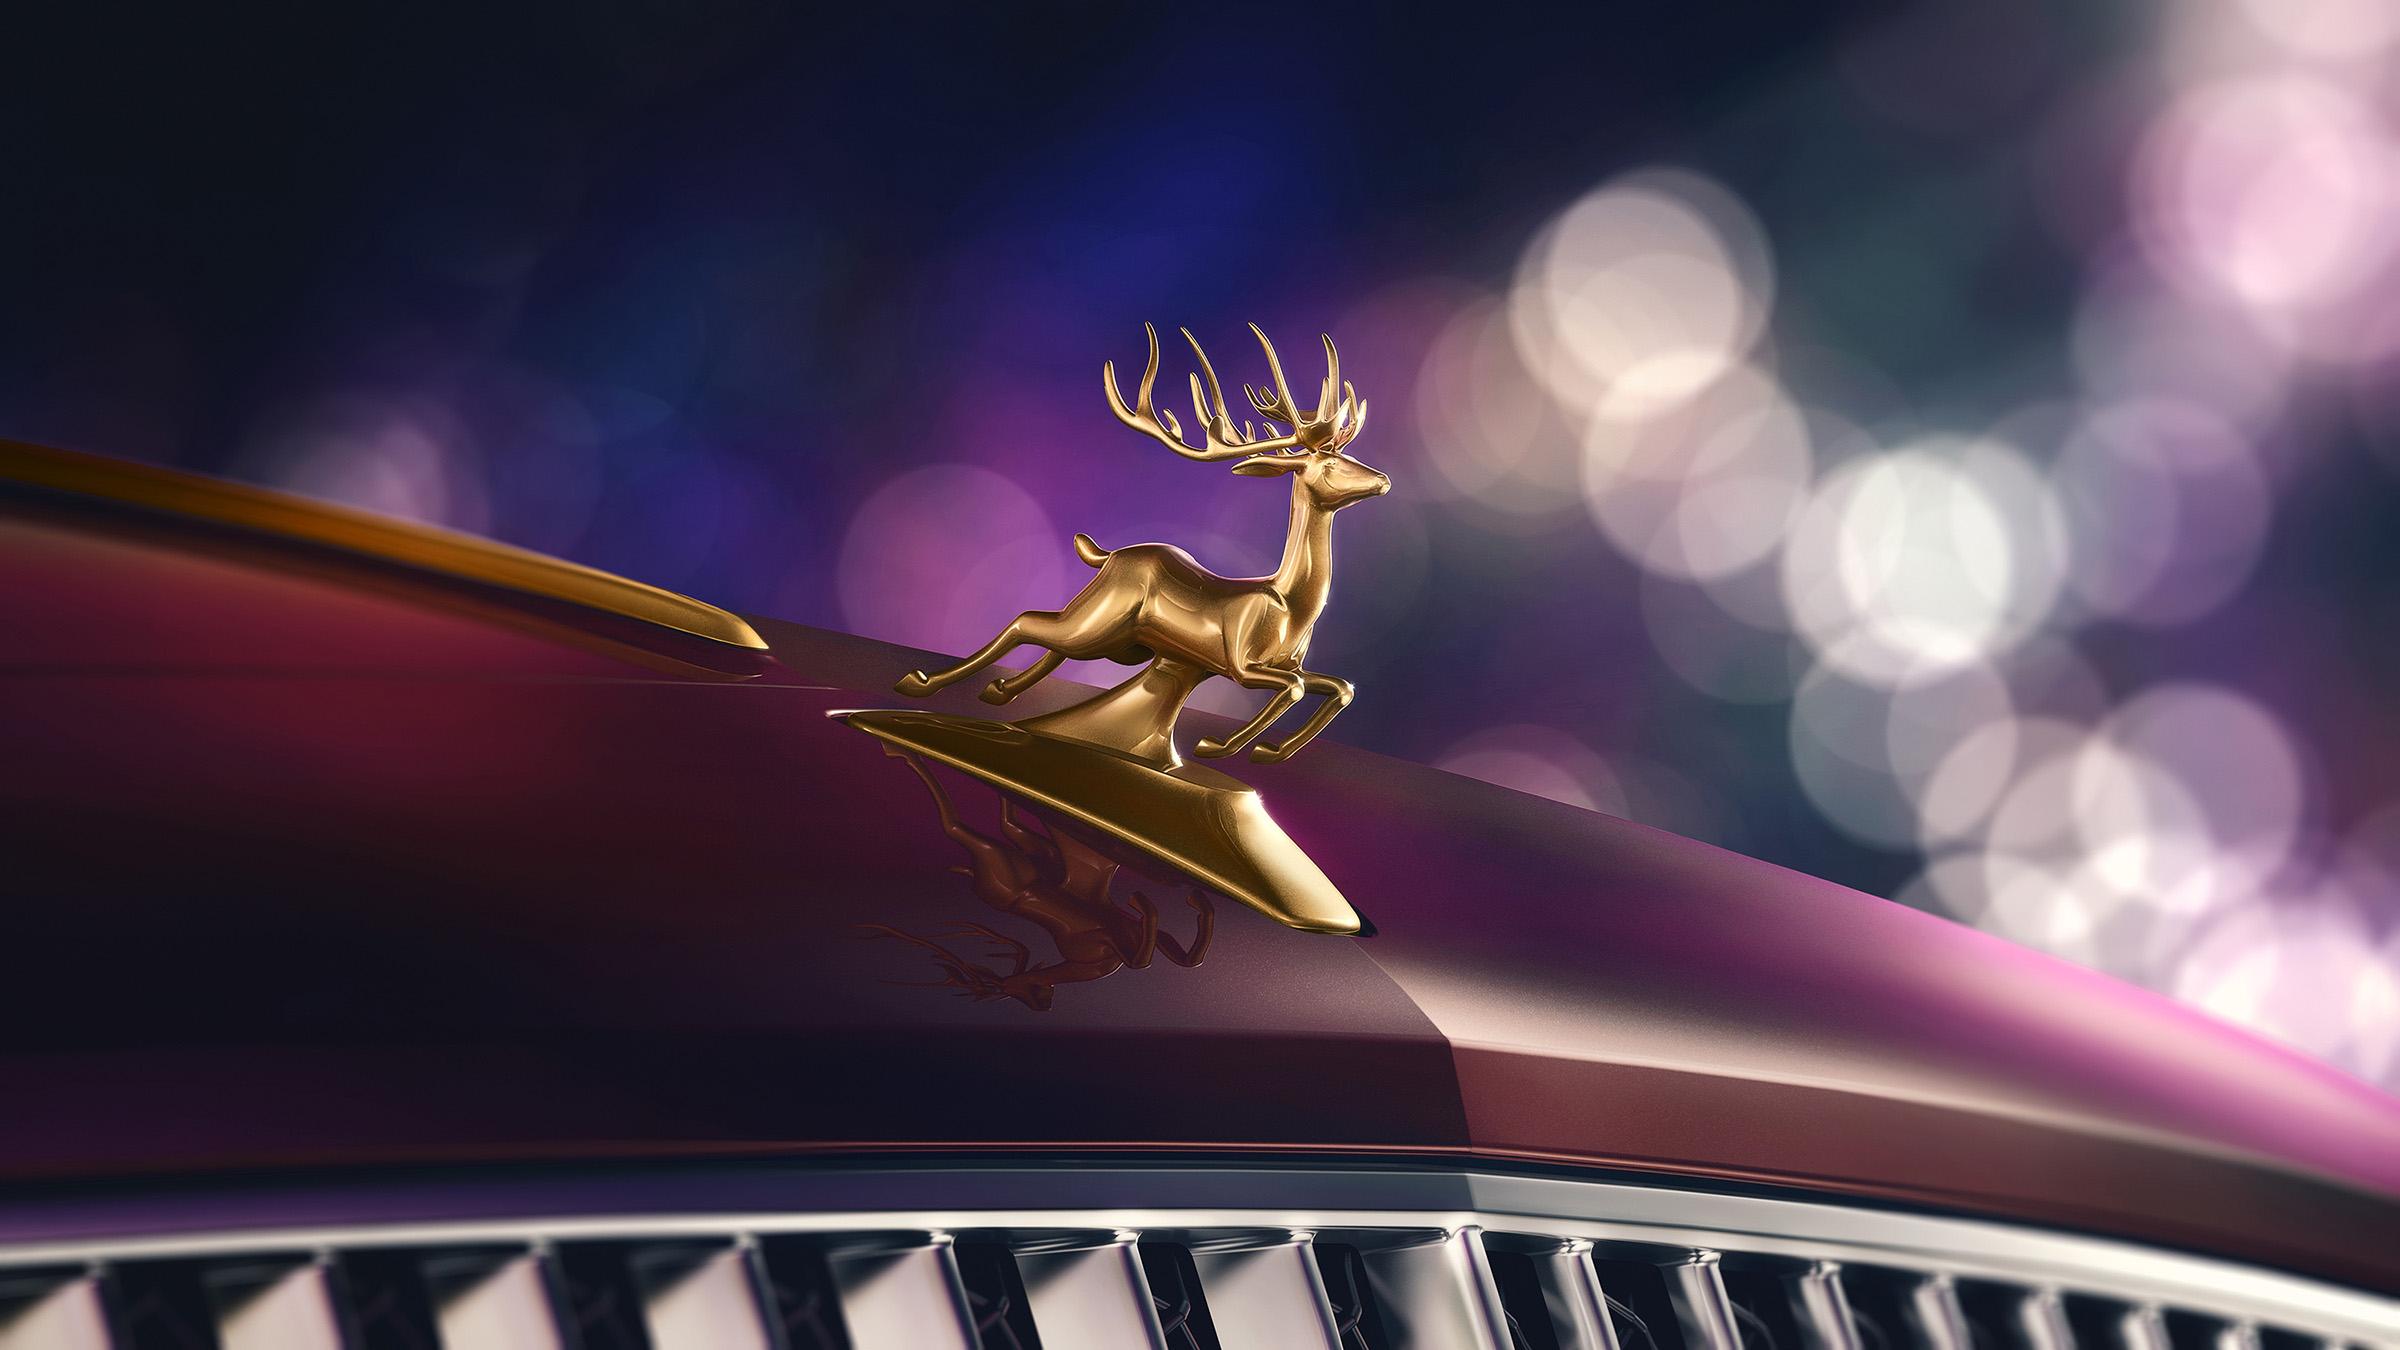 Επίδειξη δημιουργικότητας από τους σχεδιαστές της Bentley ειδικά για τις γιορτές